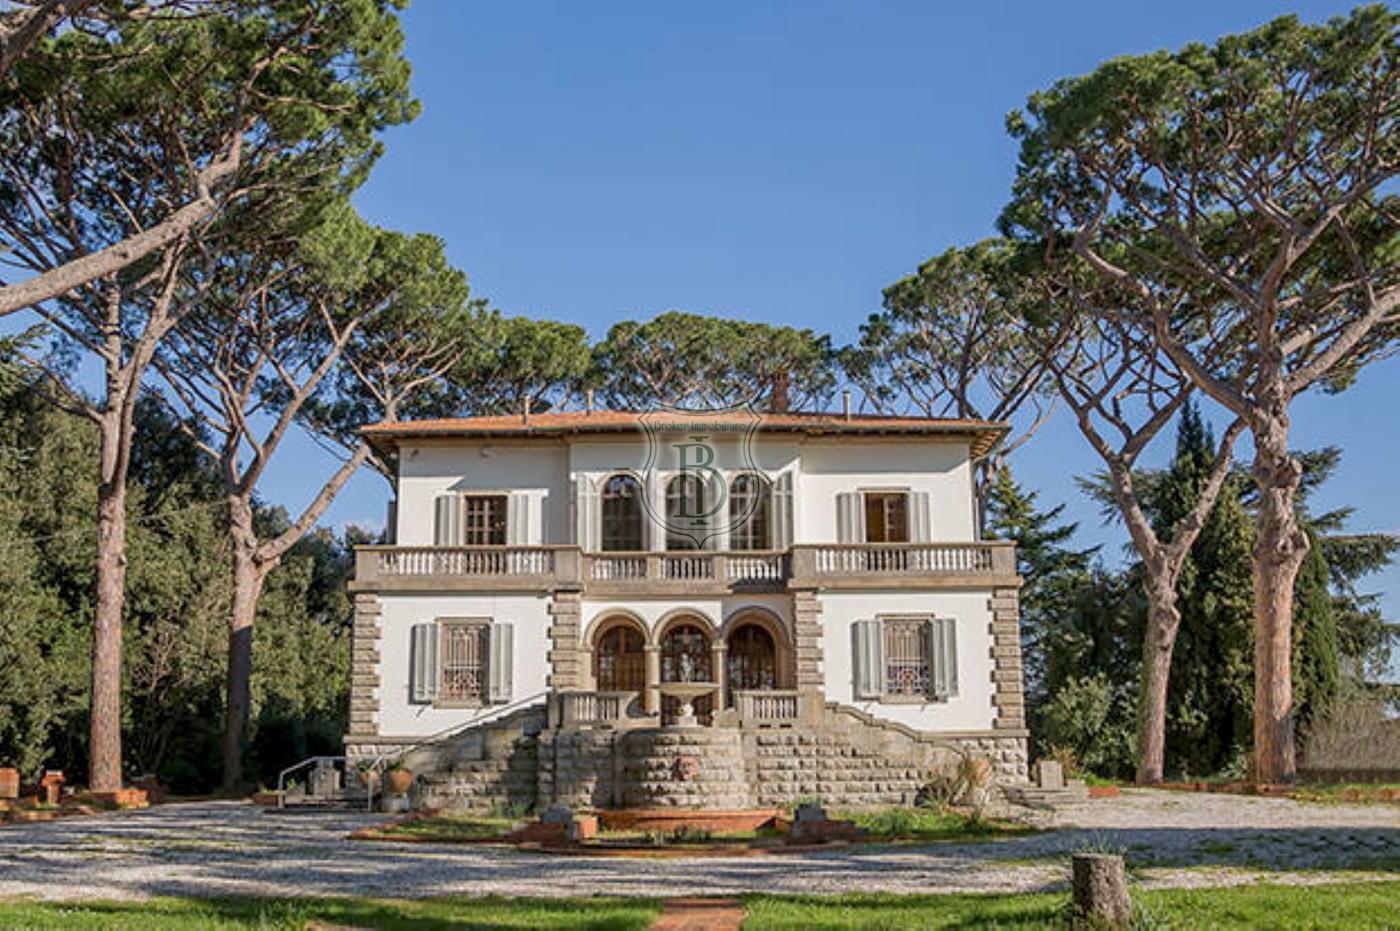 Villa storica in vendita sulle colline di Pisa, con piscina e parco in posizione collinare